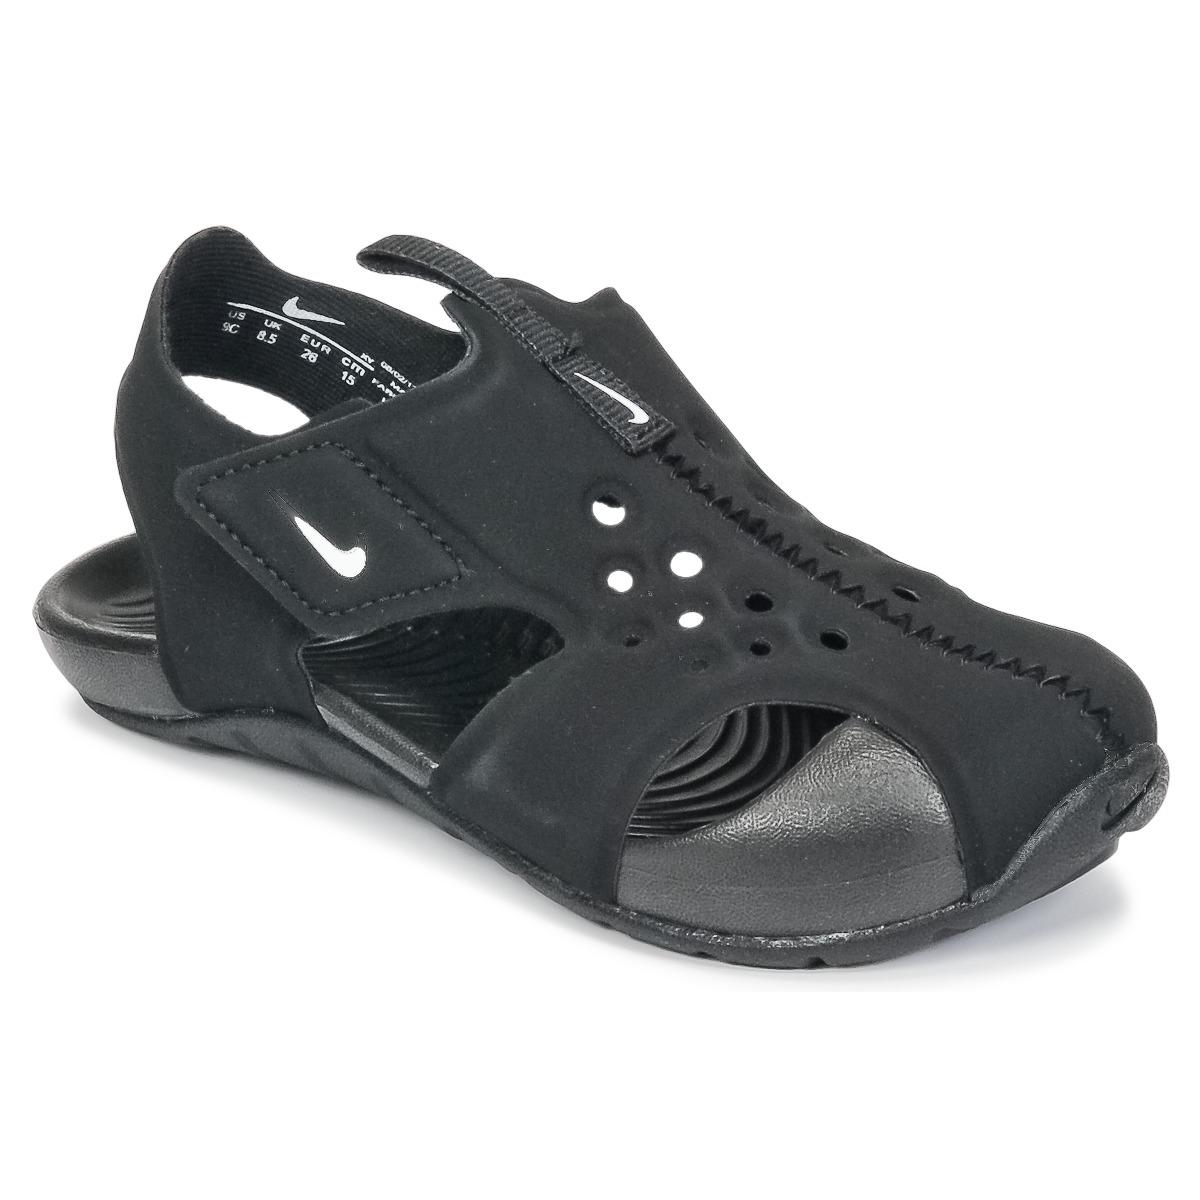 Sandaler til børn Nike  SUNRAY PROTECT 2 TODDLER